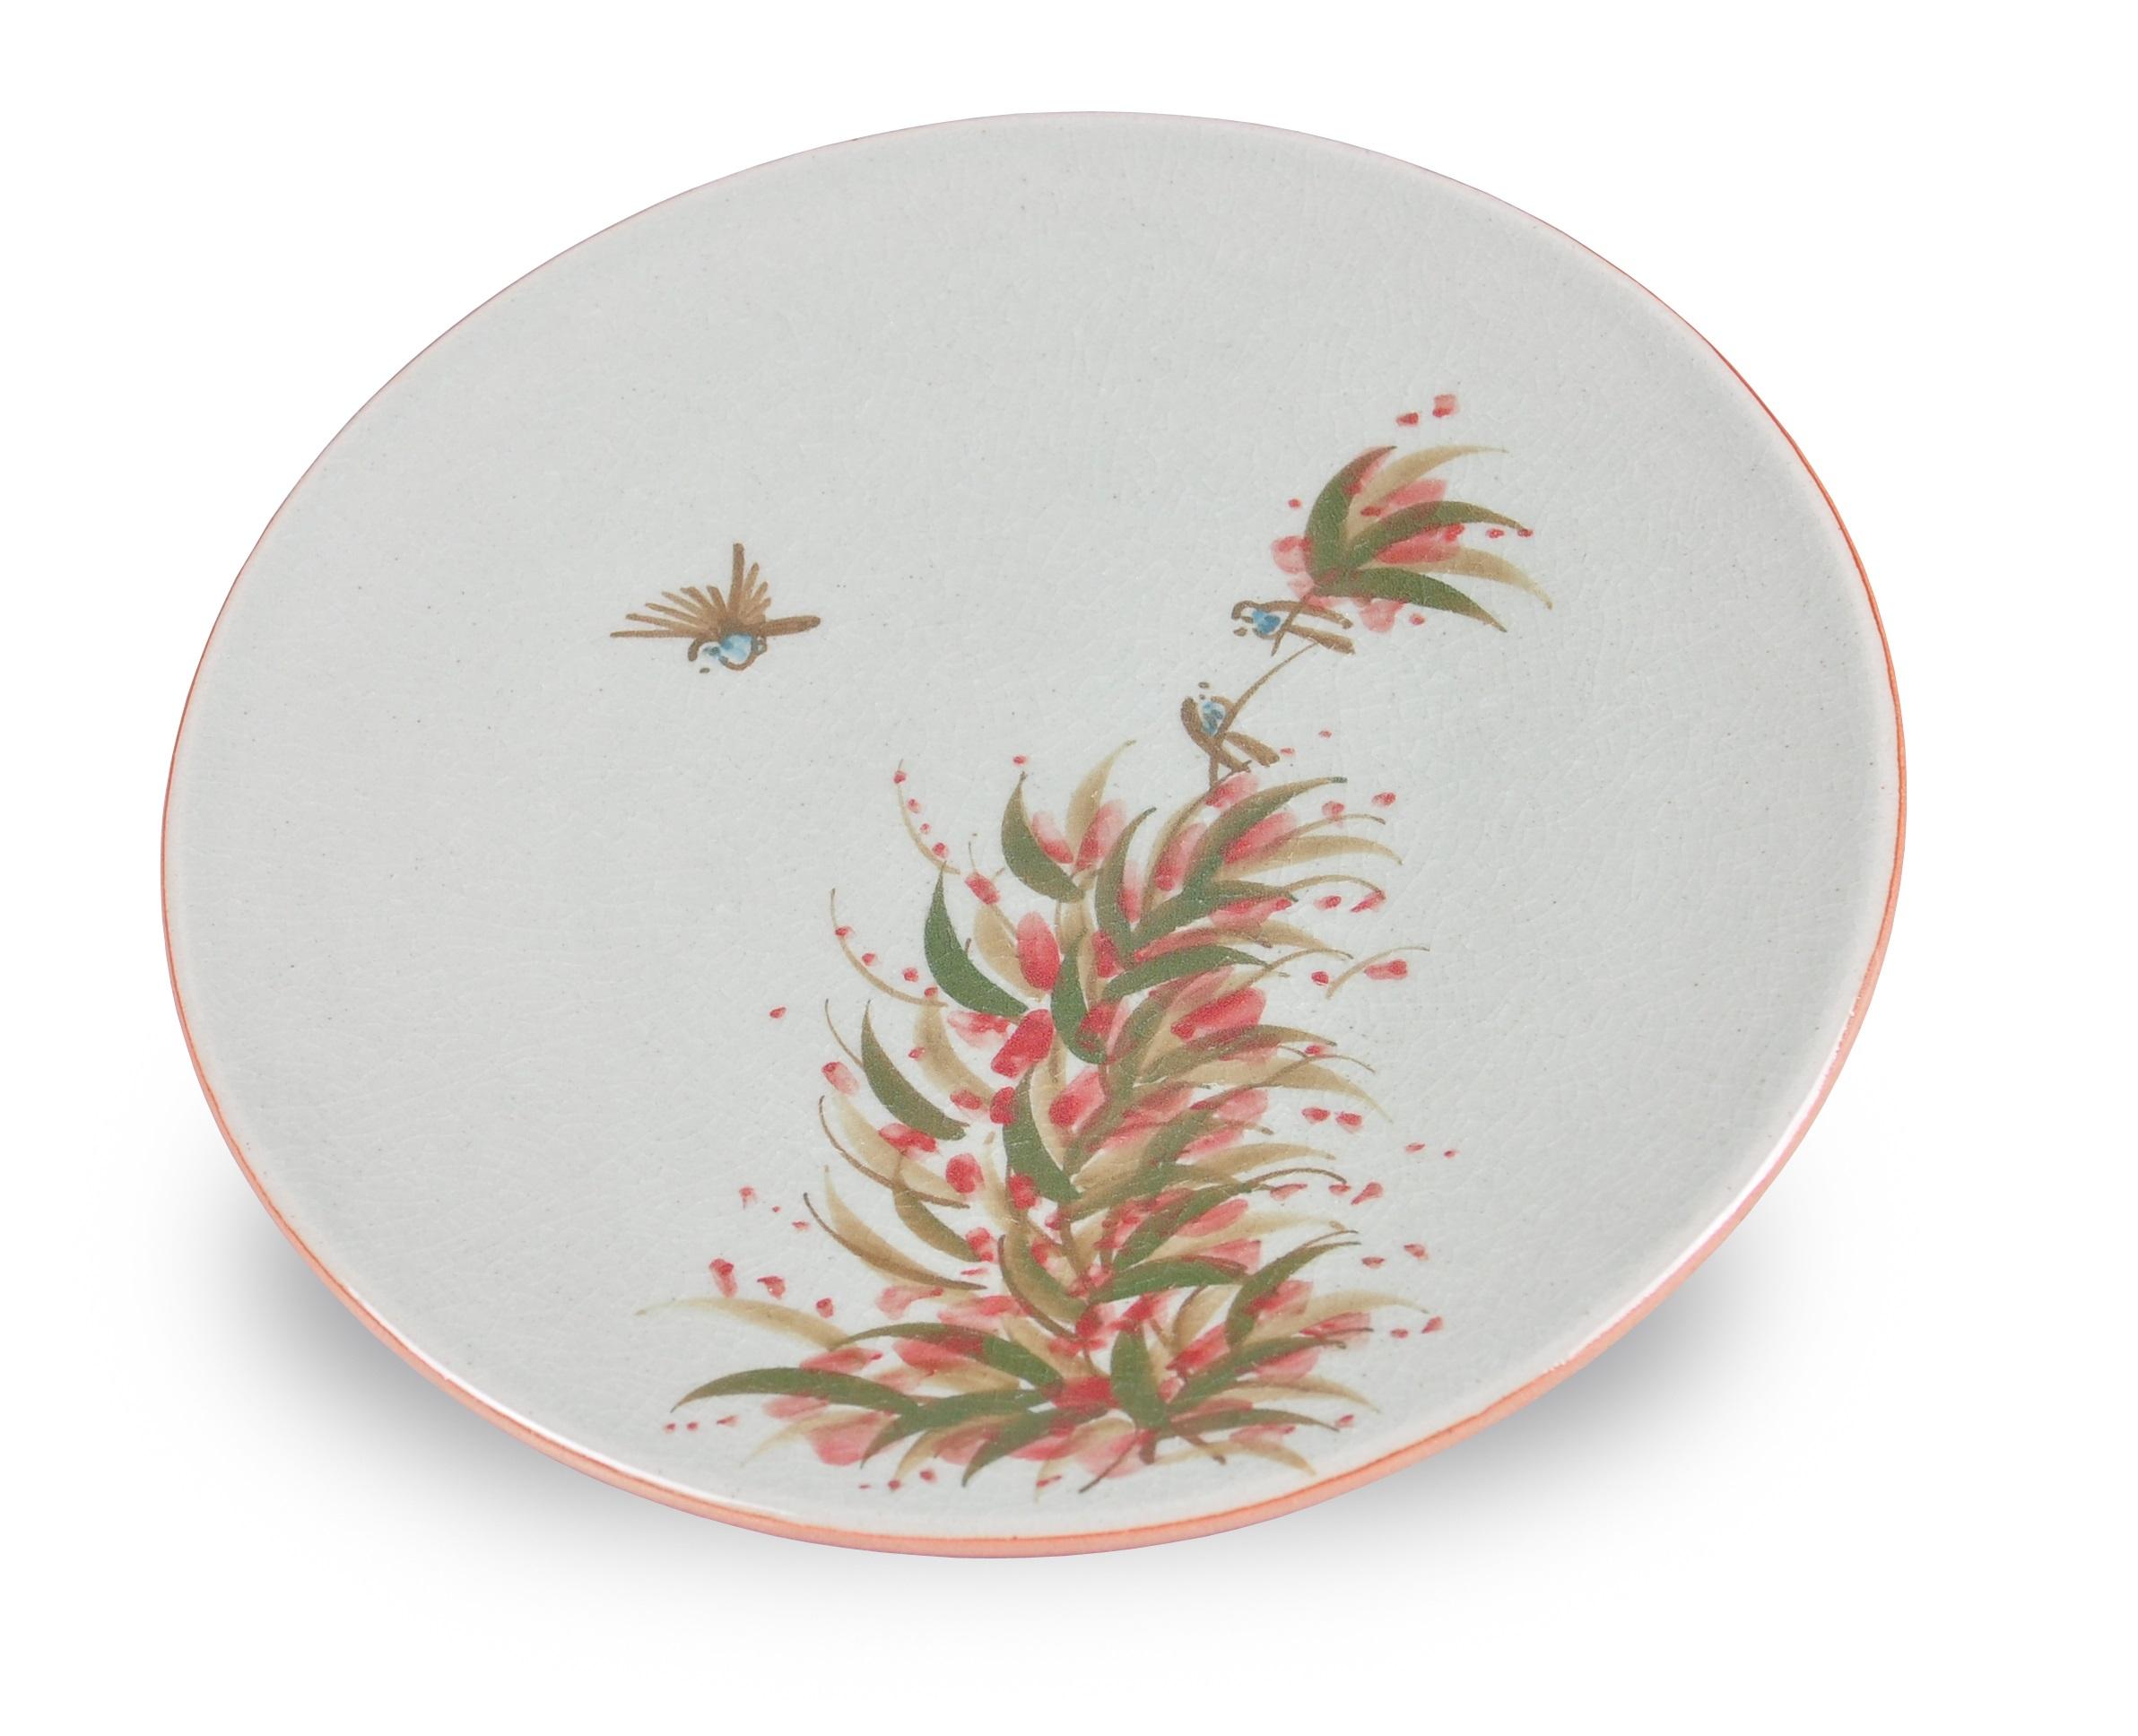 Тарелка JaponicaДекоративные тарелки<br>Посуда из коллекции &amp;quot;Japonica&amp;quot; придаст сервировке вашего стола по настоящему азиатский колорит.<br><br>Material: Керамика<br>Height см: 3.5<br>Diameter см: 28